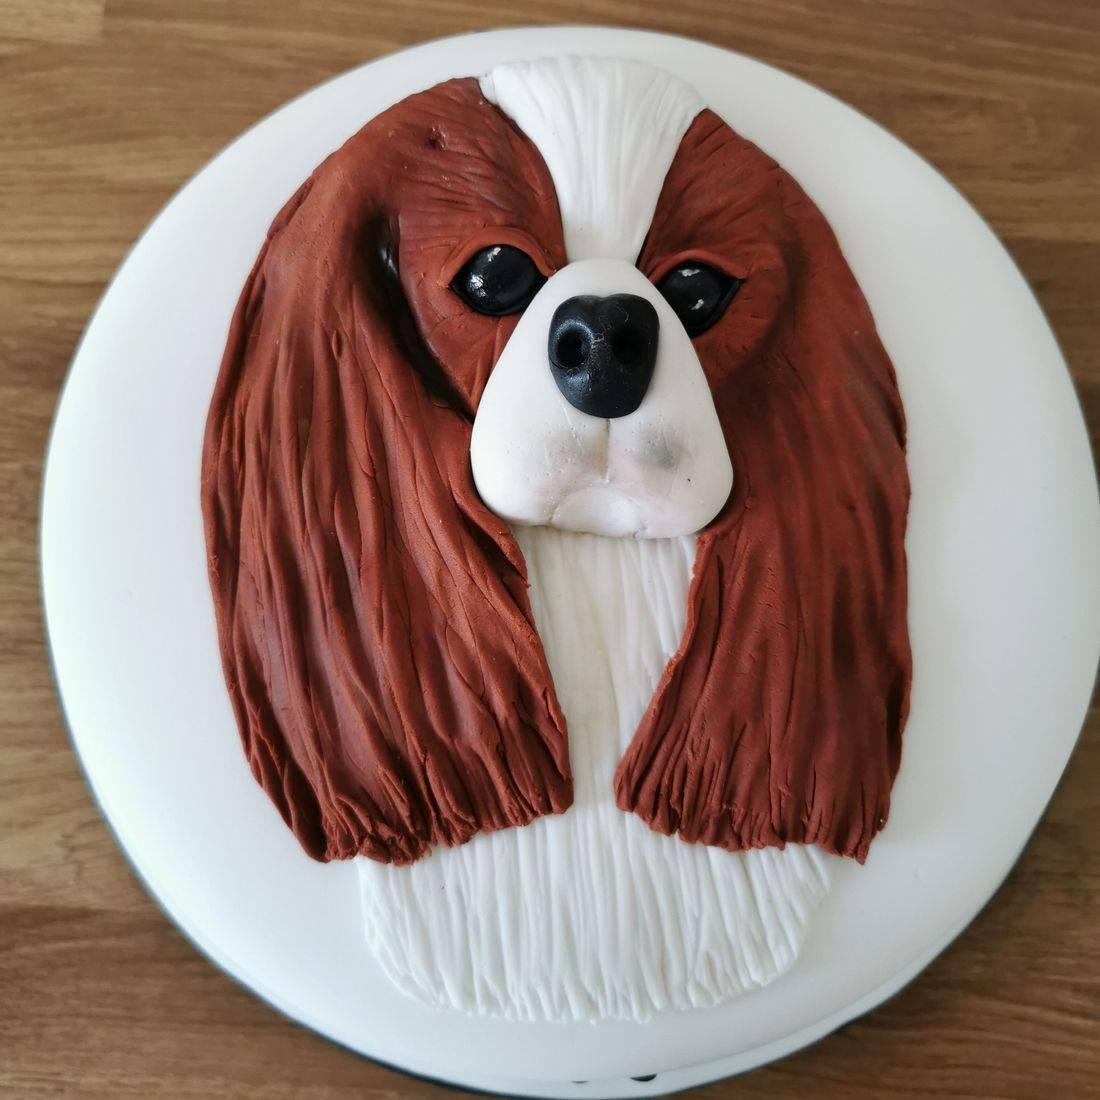 Harry Potter themed Novelty Cake